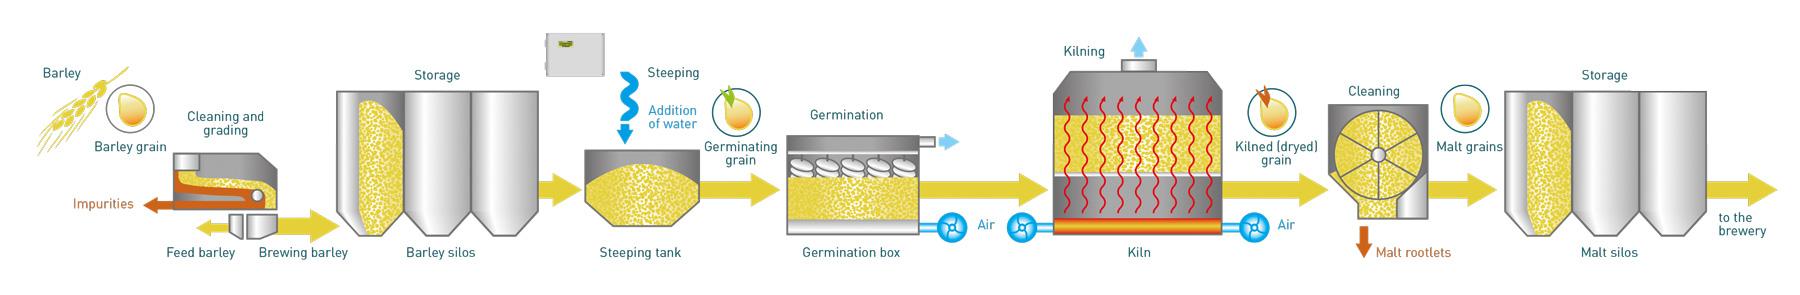 Mesures Du Flux Et De L U0026 39  U00e9nergie Thermique Dans Le Processus De Brassage De La Bi U00e8re